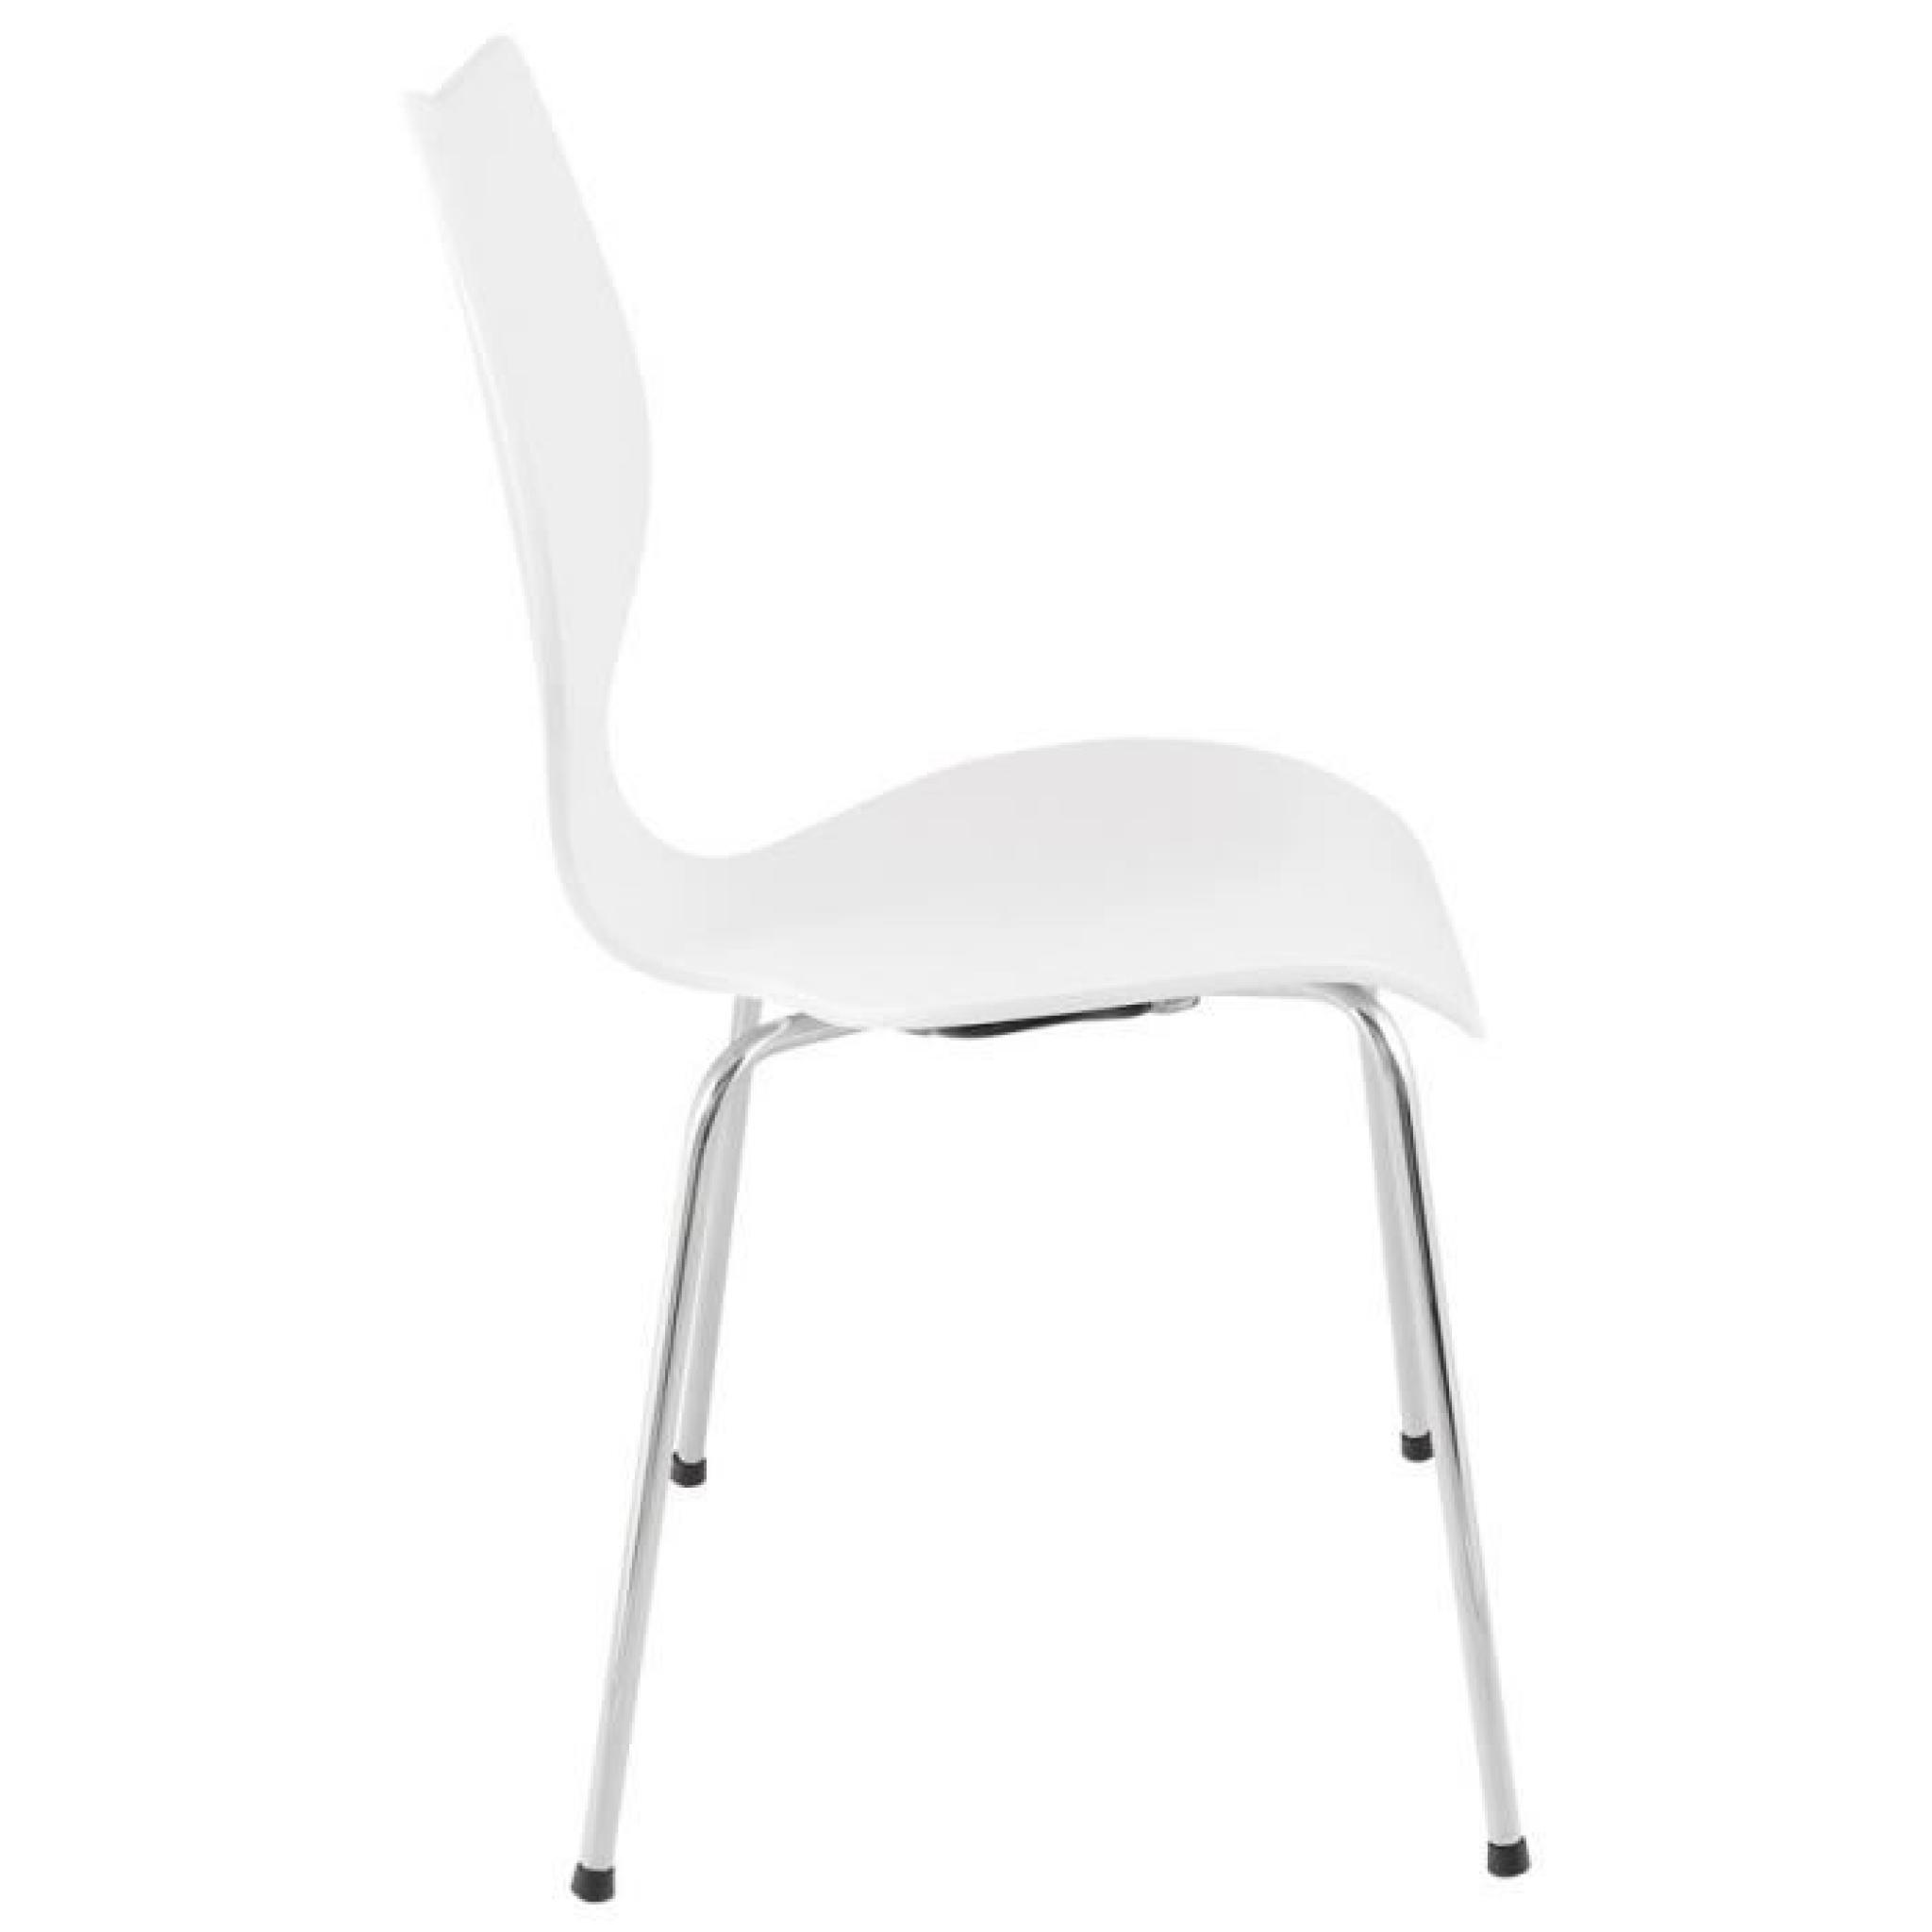 chaise moderne pour cuisine salle manger ascot en bois peint blanc pas - Chaise Moderne Pas Cher